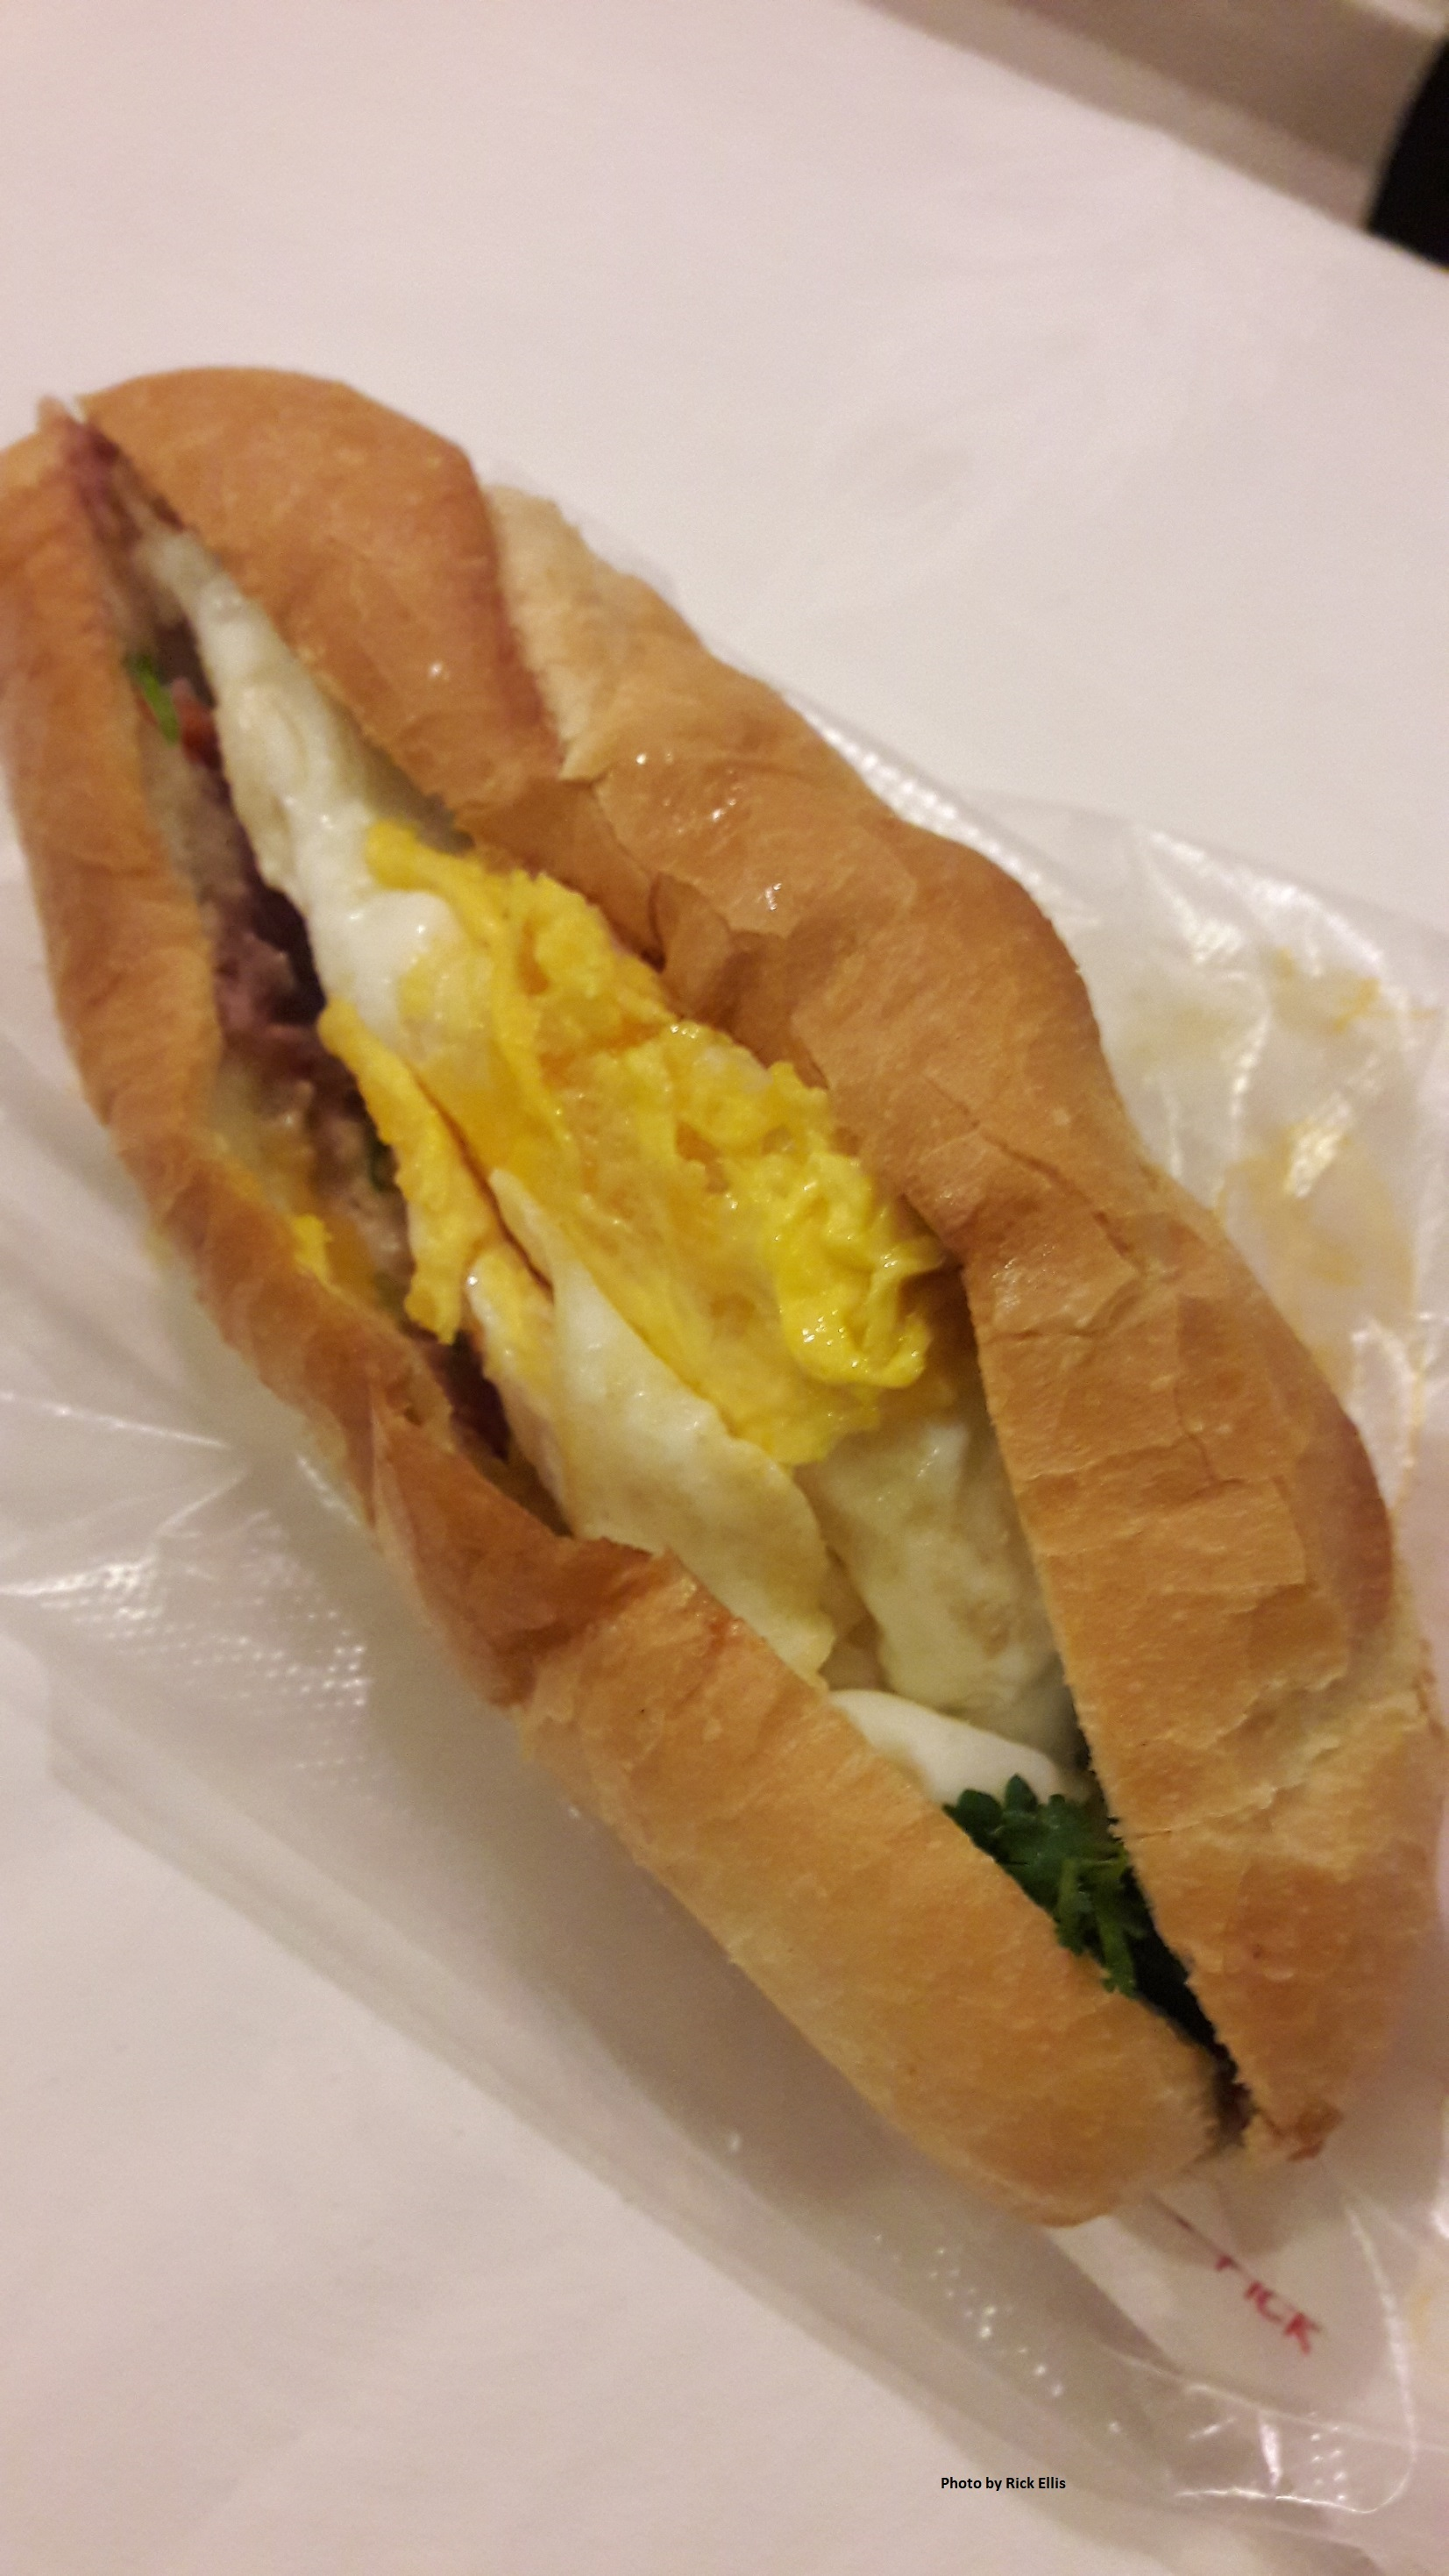 A two-egg banh mi sandwich